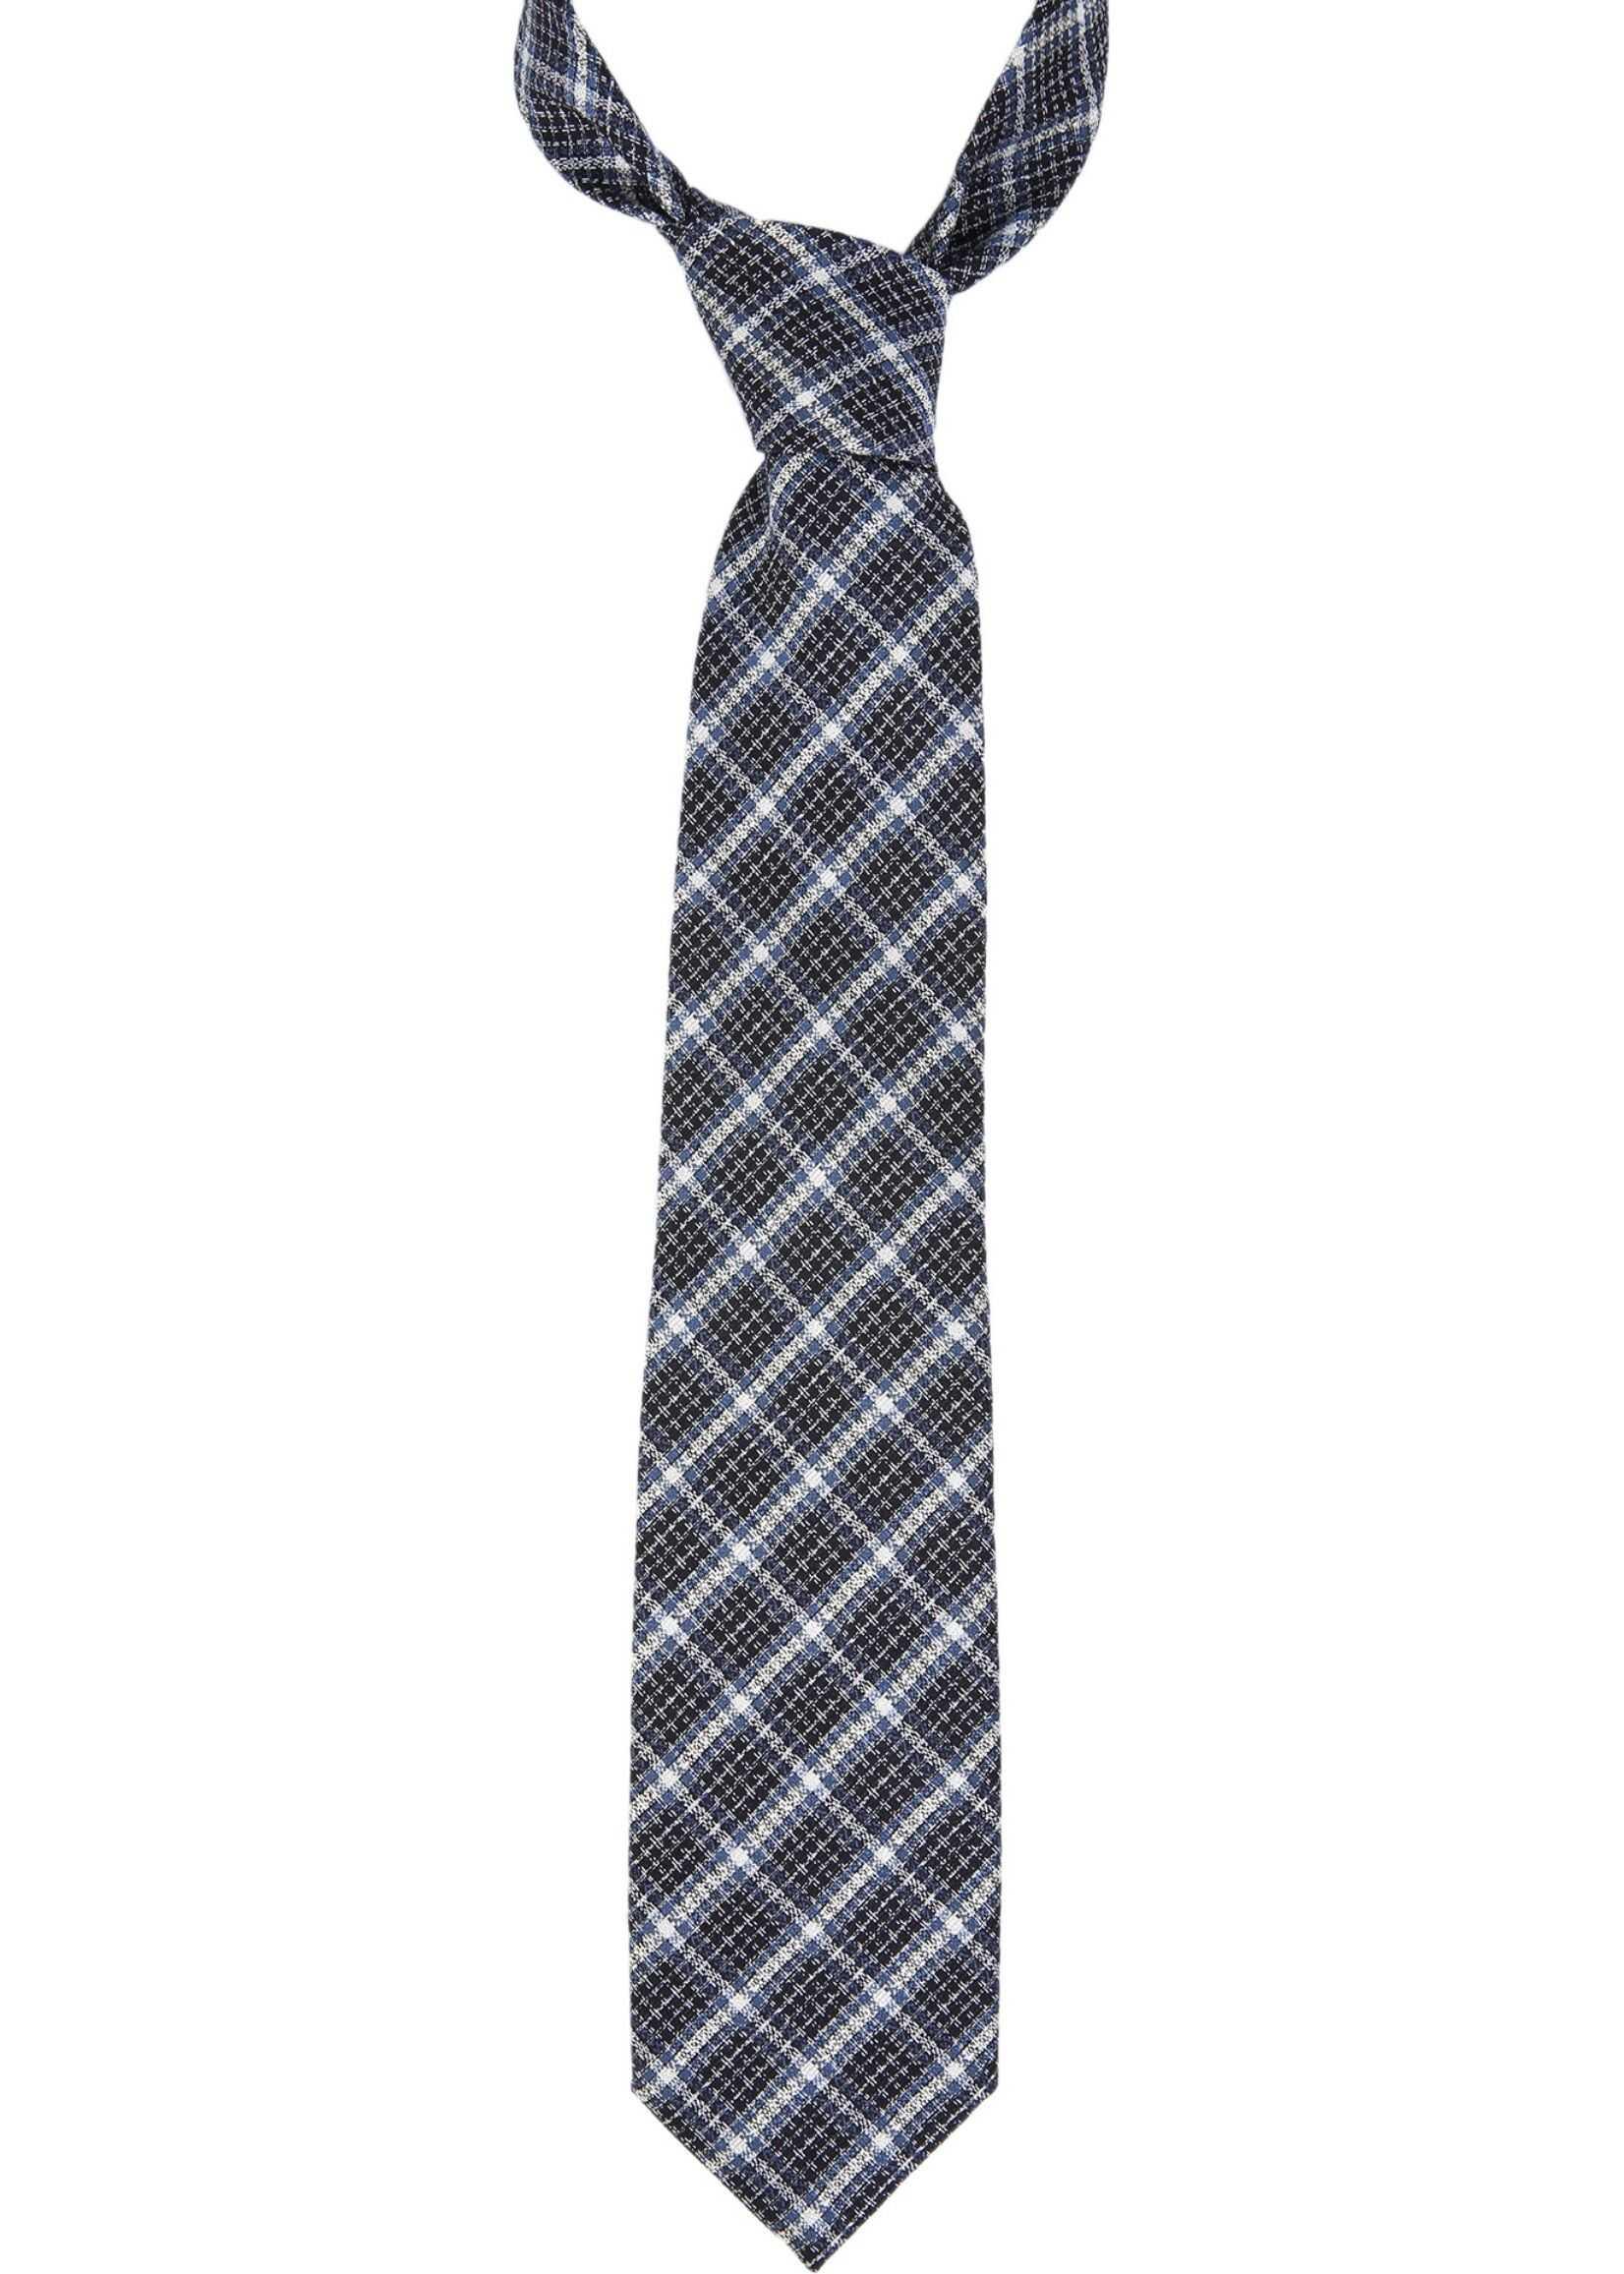 Tom Ford Check Tie MULTICOLOUR